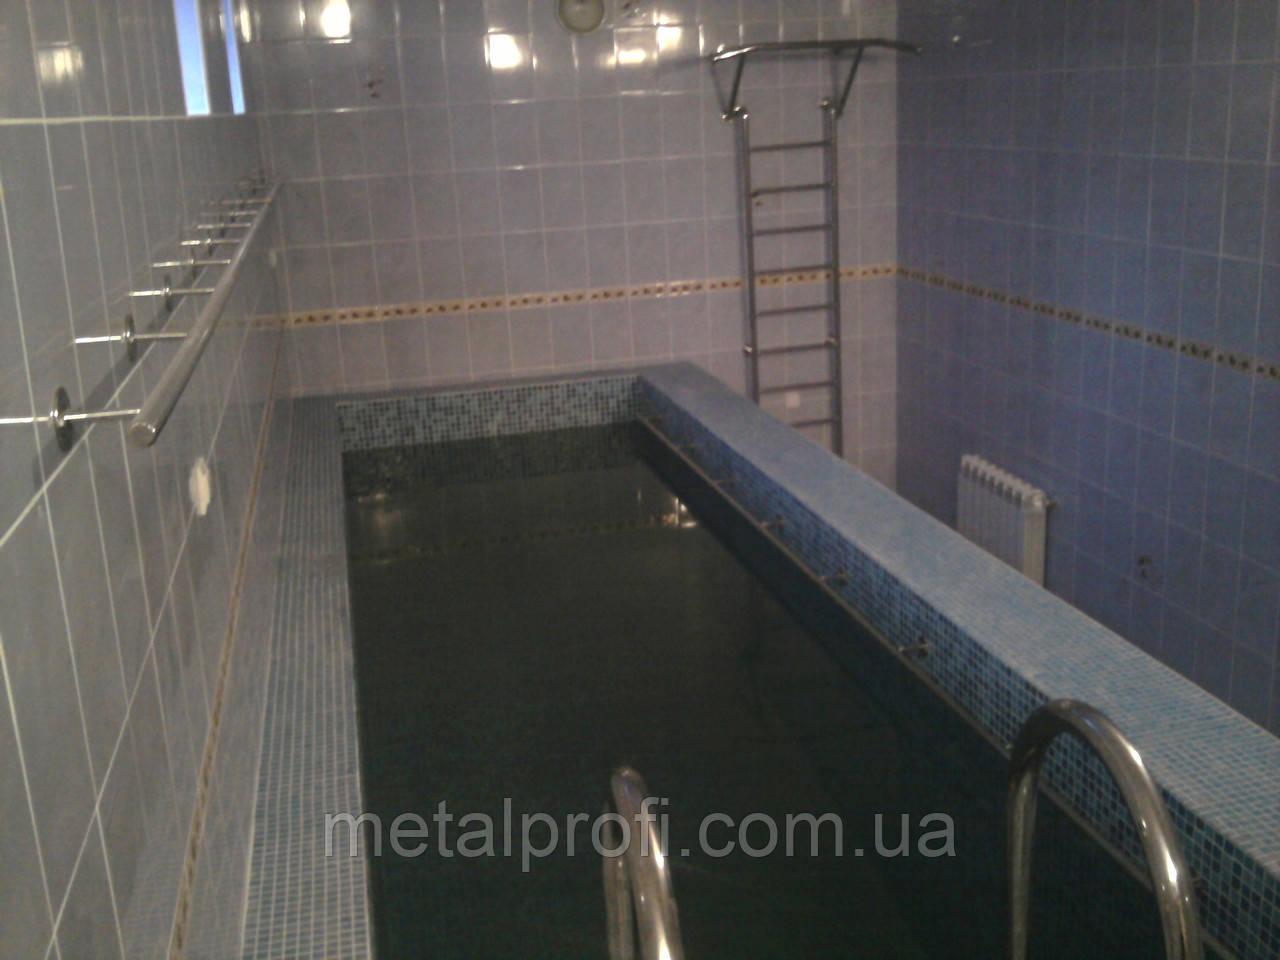 Лестницы и ограждения для бассейнов